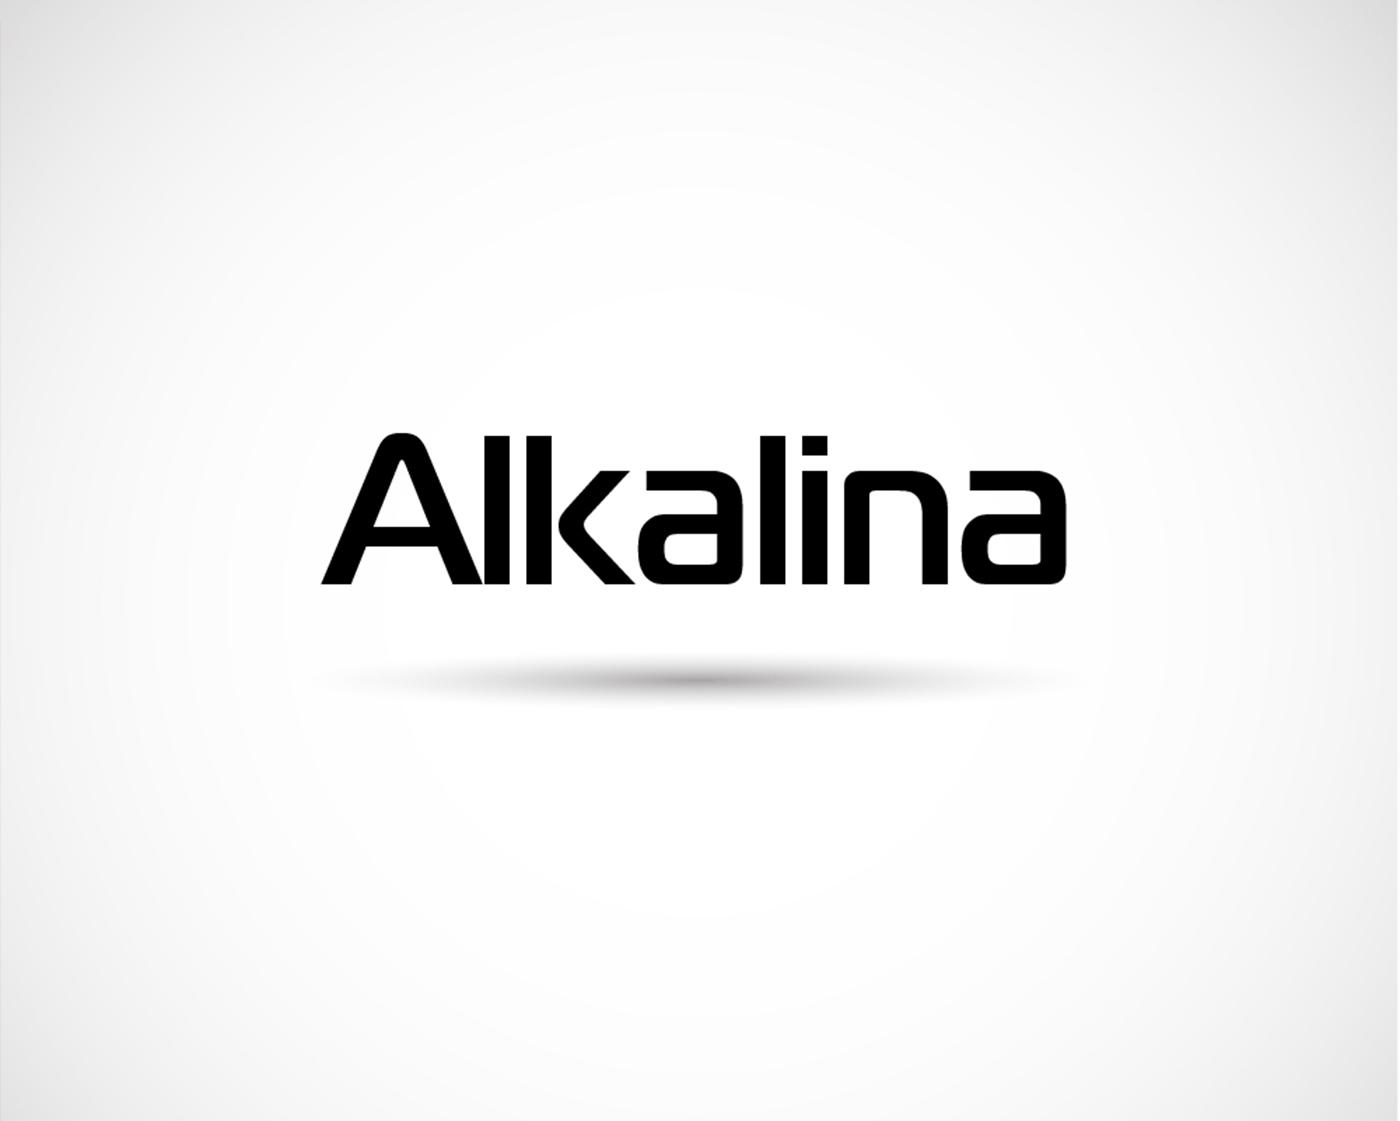 Alkalina Alkaline – Branding